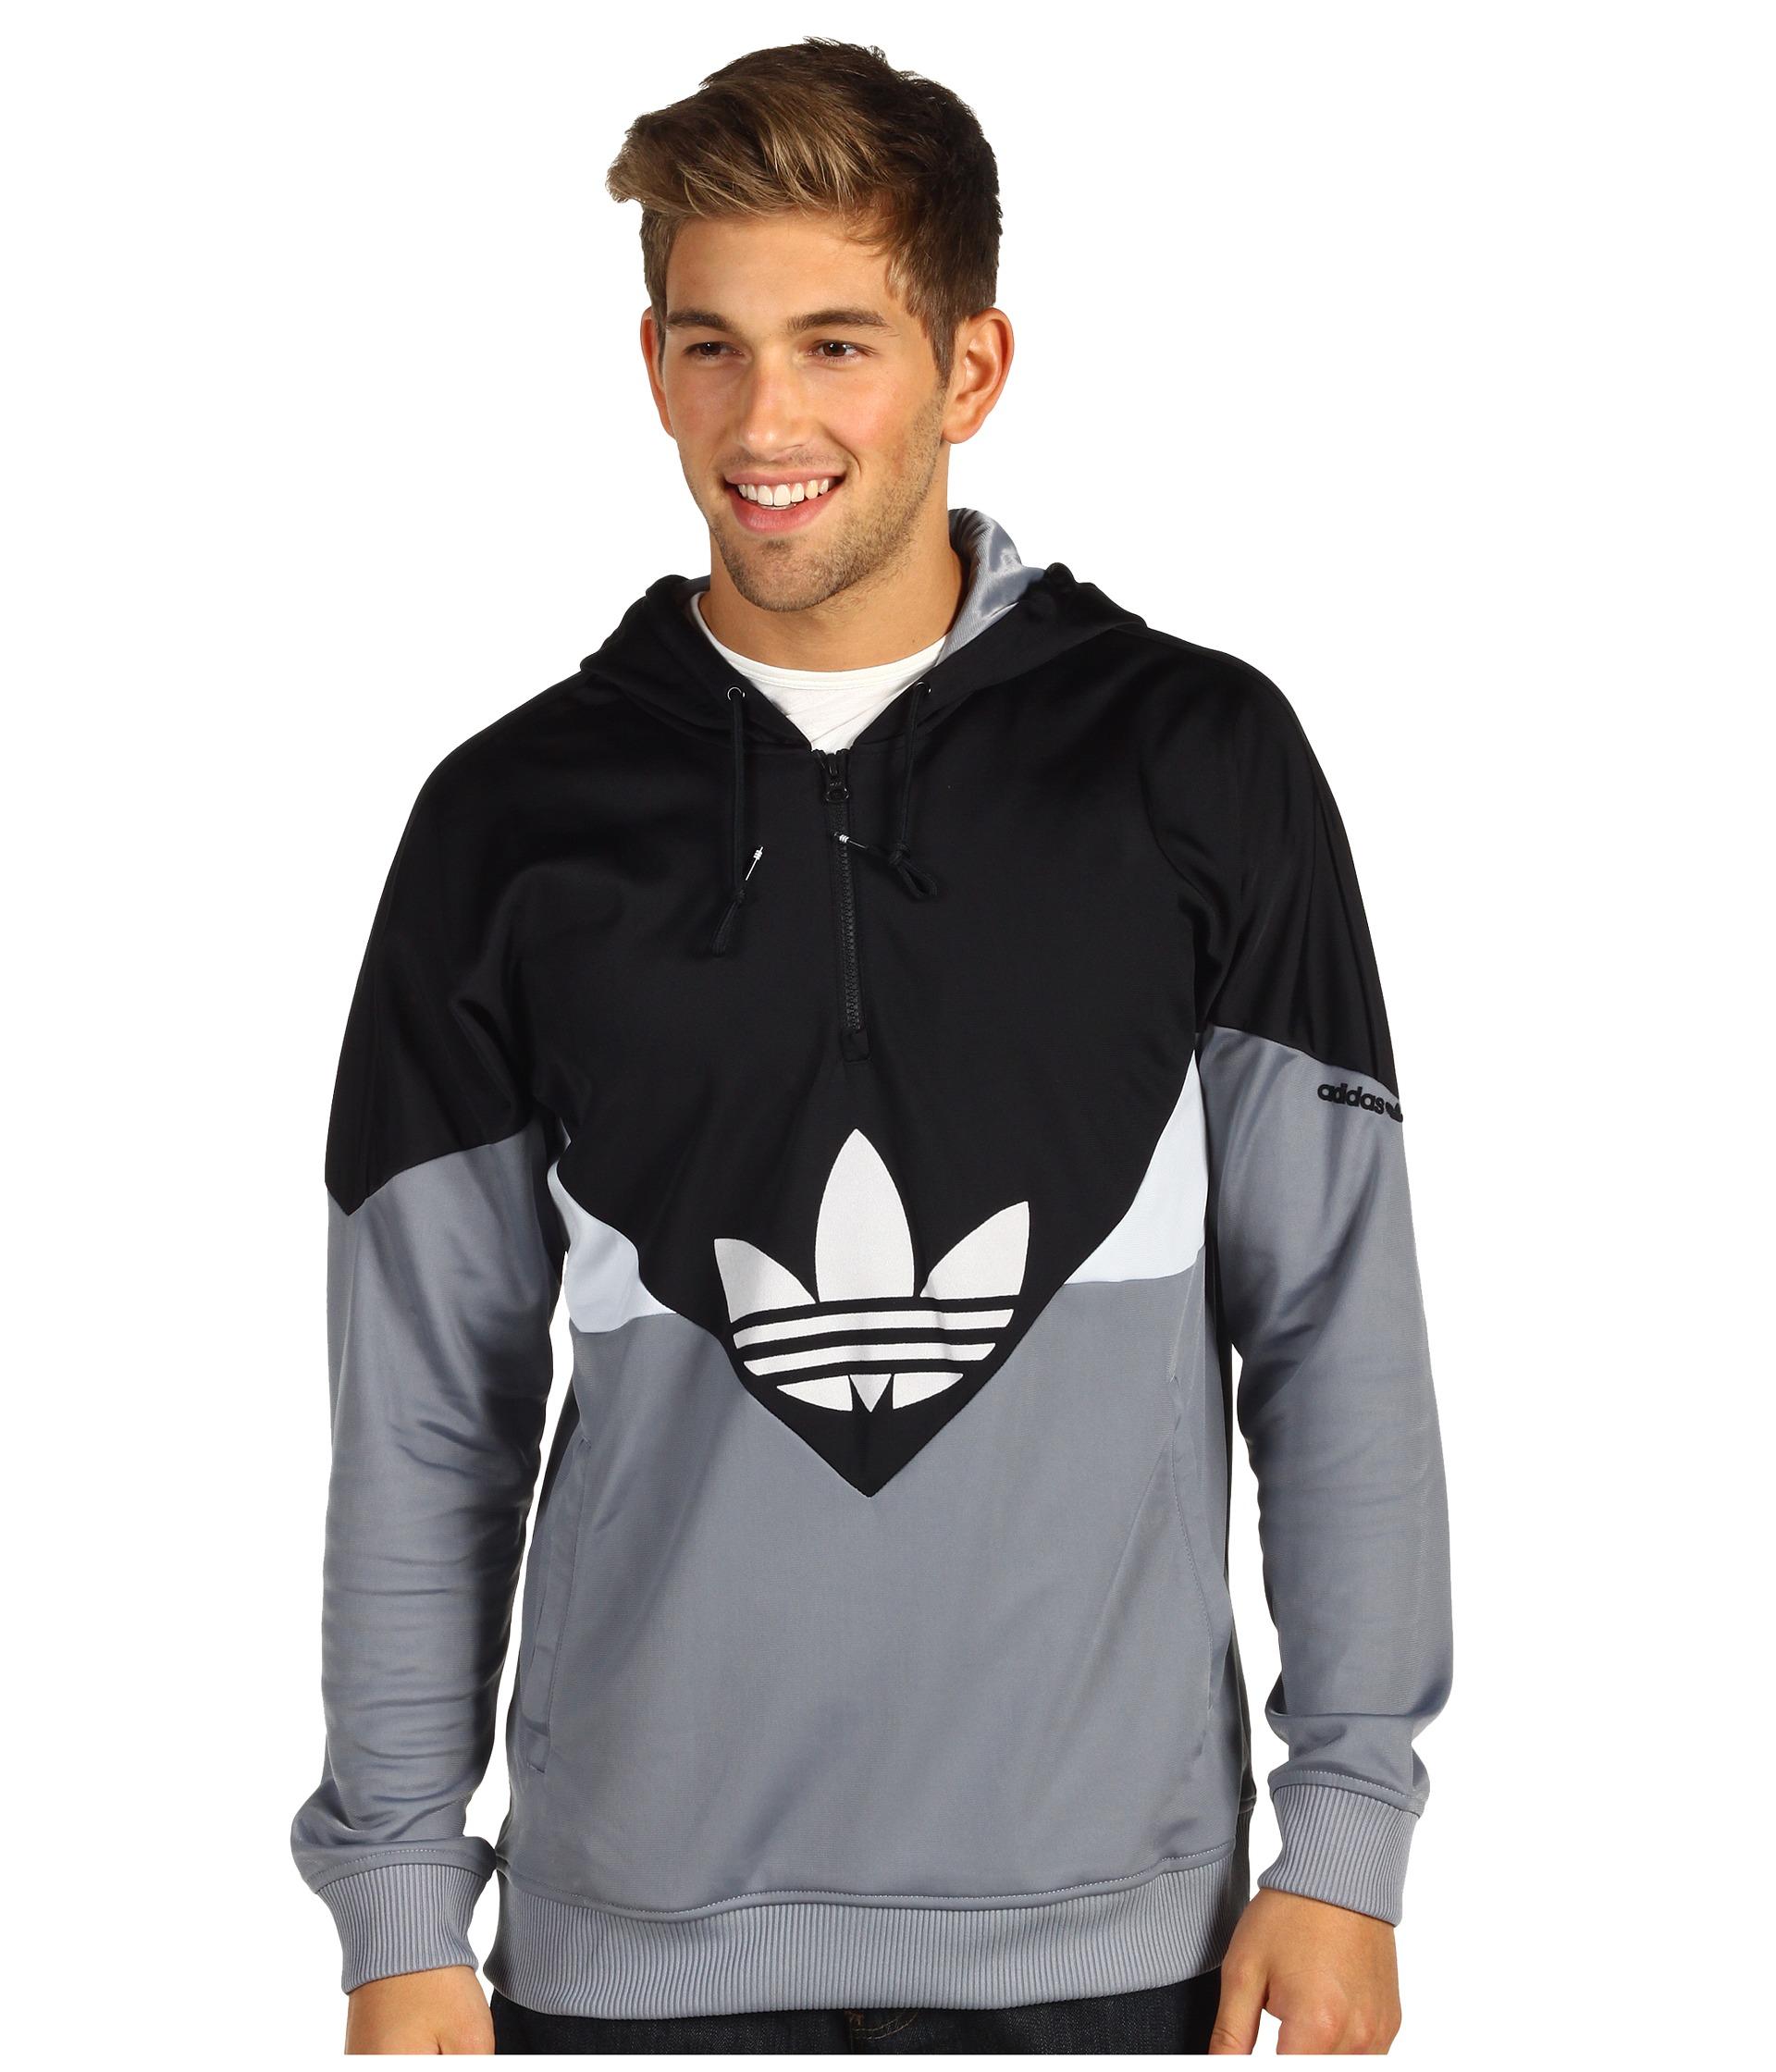 2cef0f6bbf60 adidas Originals Colorado Half Zip Hoodie  59.99  75.00 SALE on ...